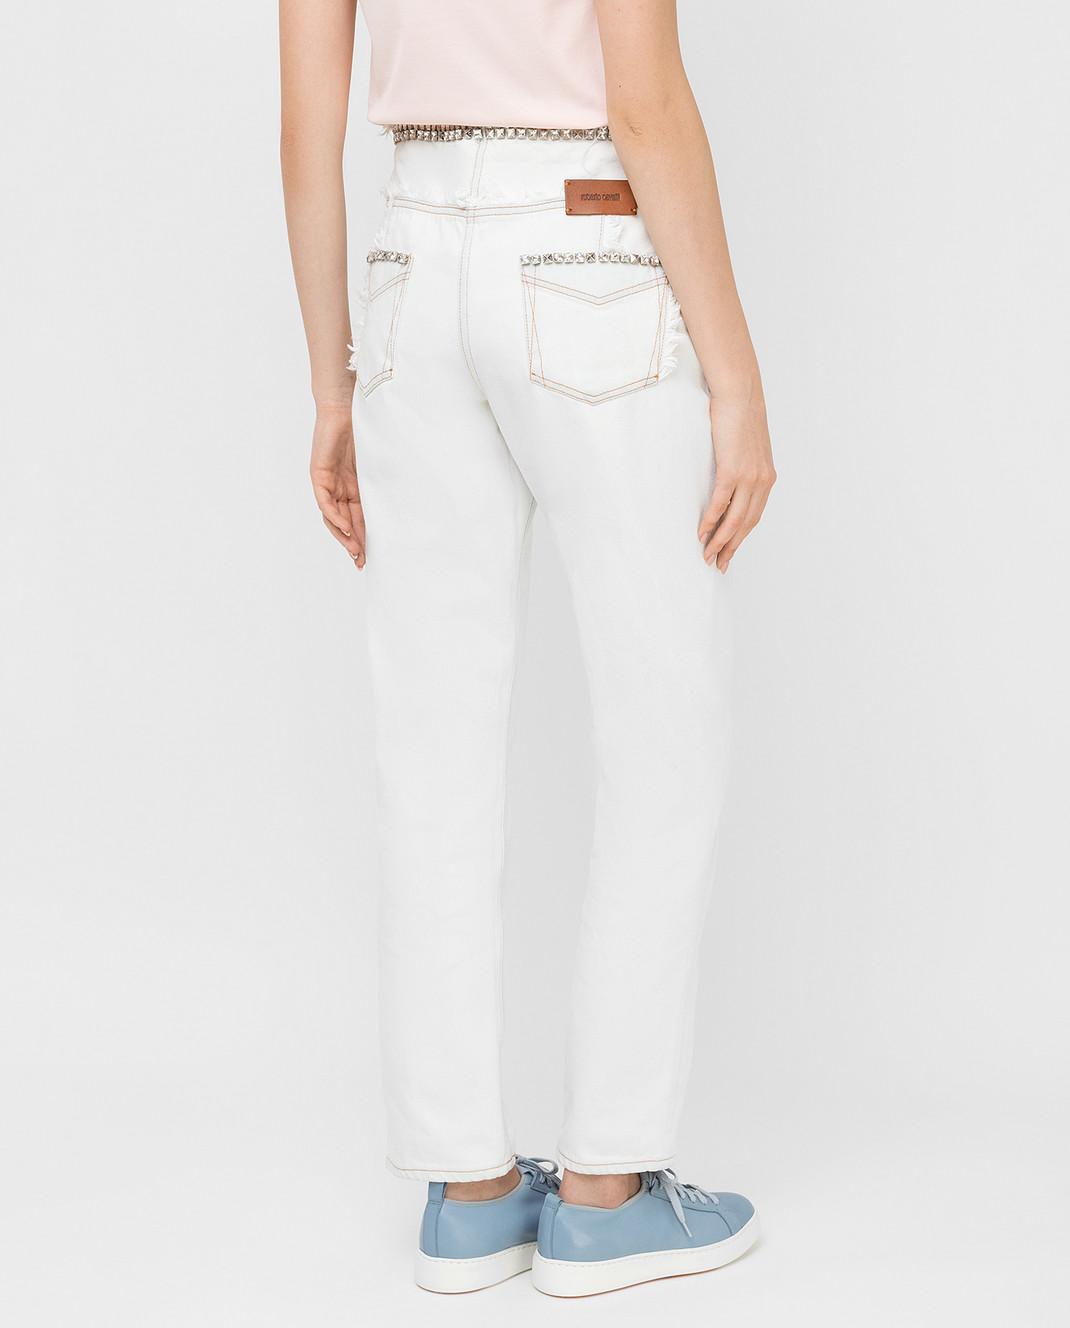 Roberto Cavalli Белые джинсы с кристаллами CKJ211 изображение 4